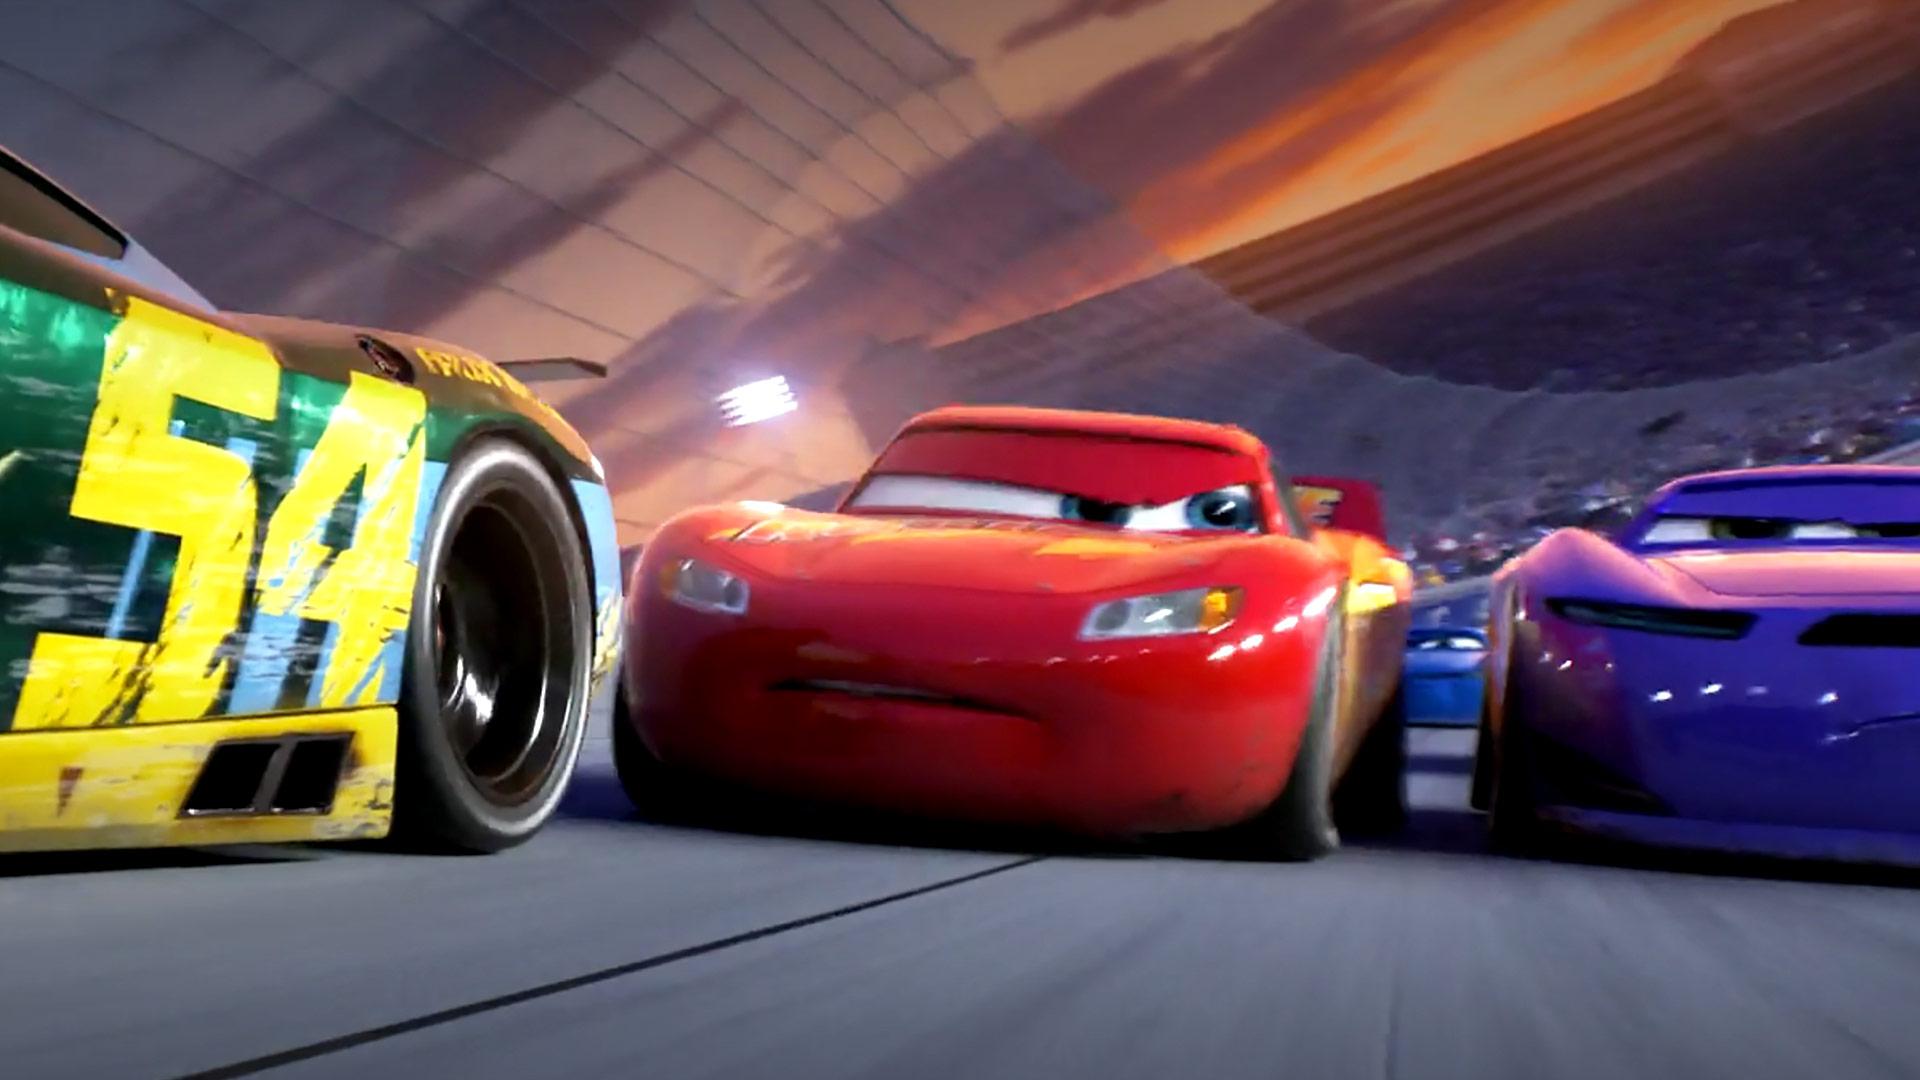 85fe5a90698 Os carros do filme Carros no mundo real  você sabe quais são